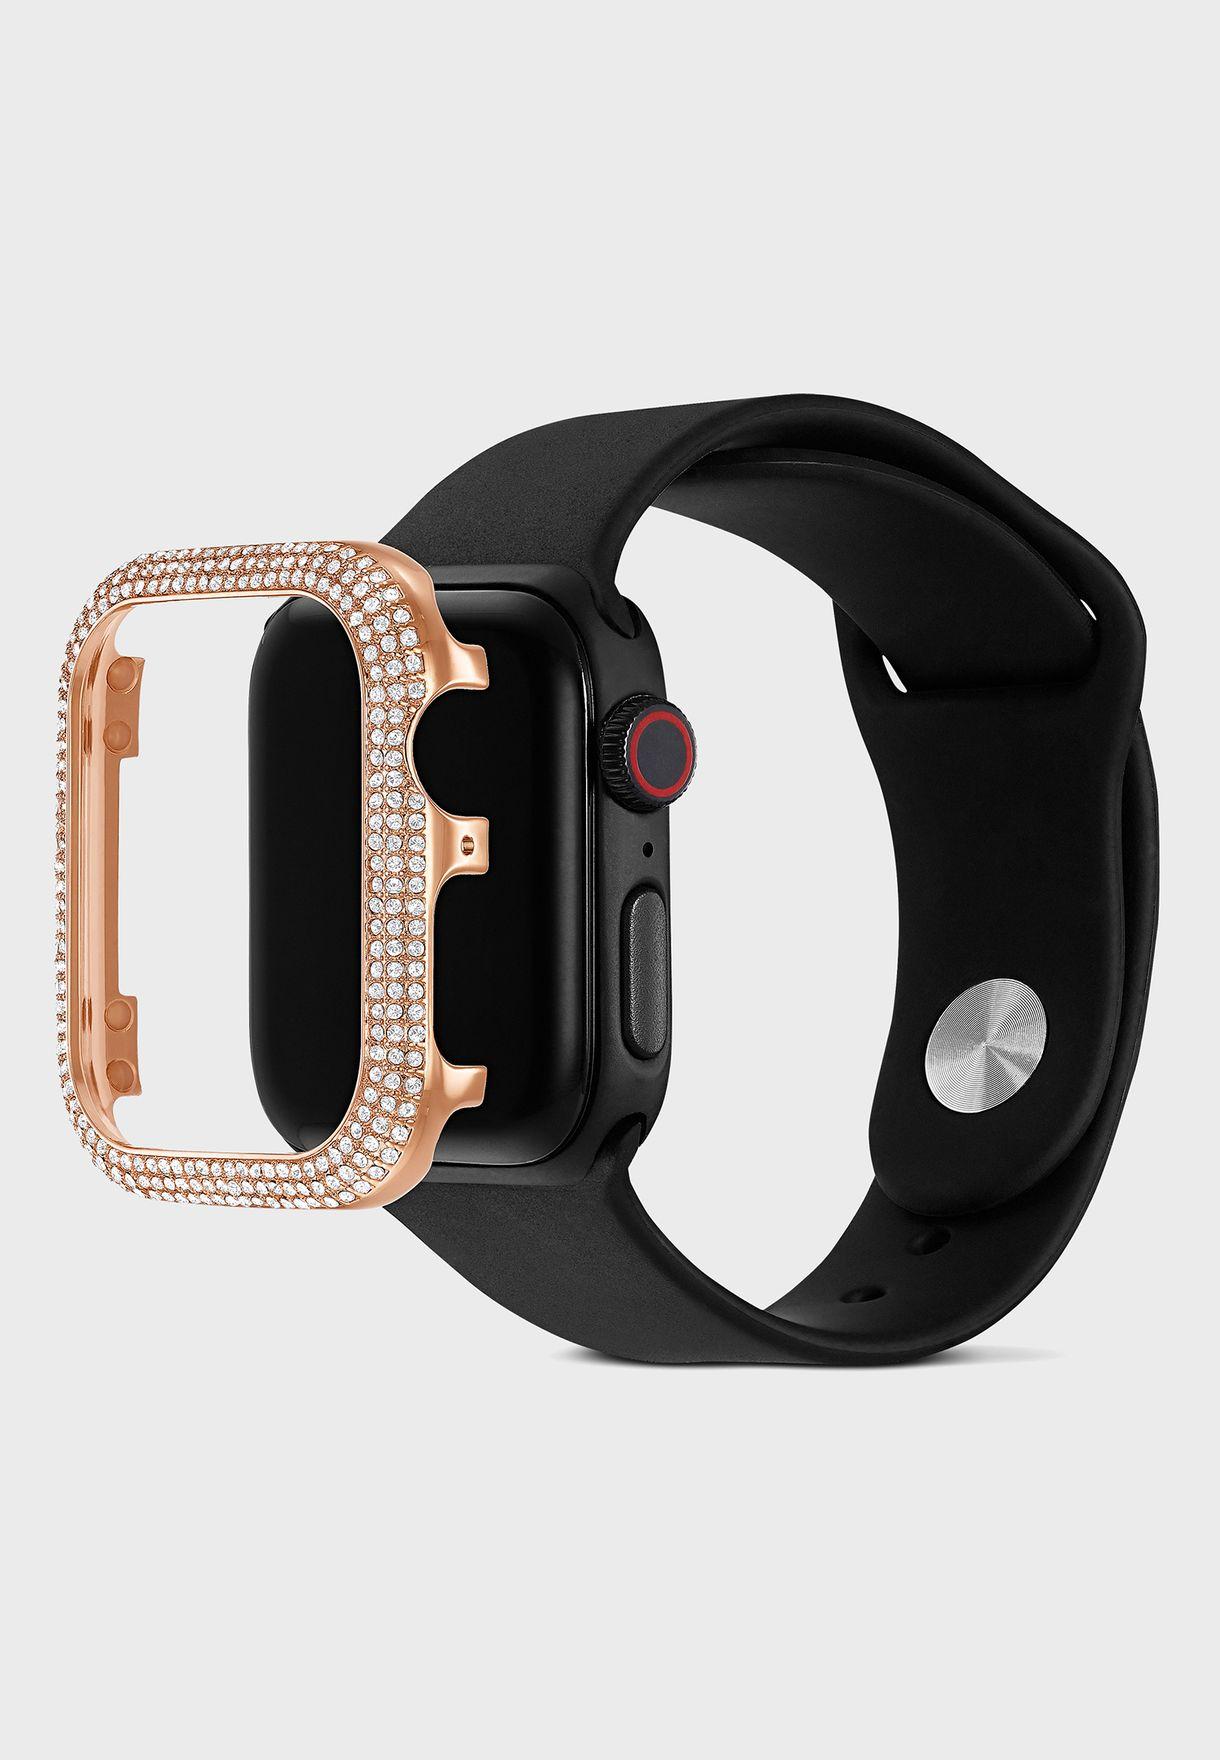 Apple Watch Case 40mm